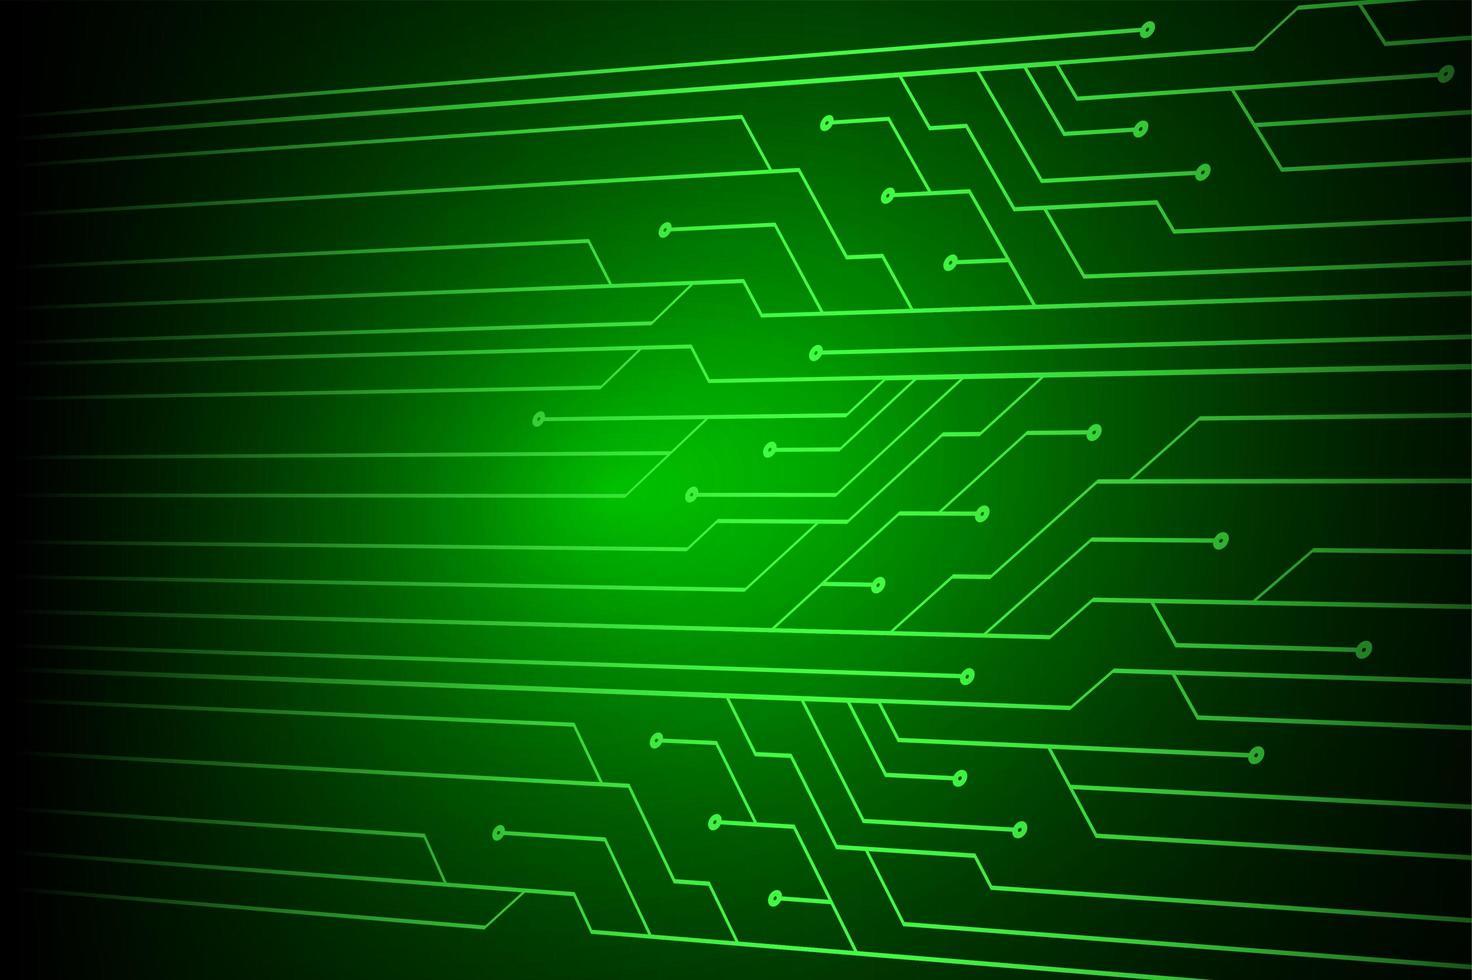 tecnologia futura del circuito cyber verde semplice vettore